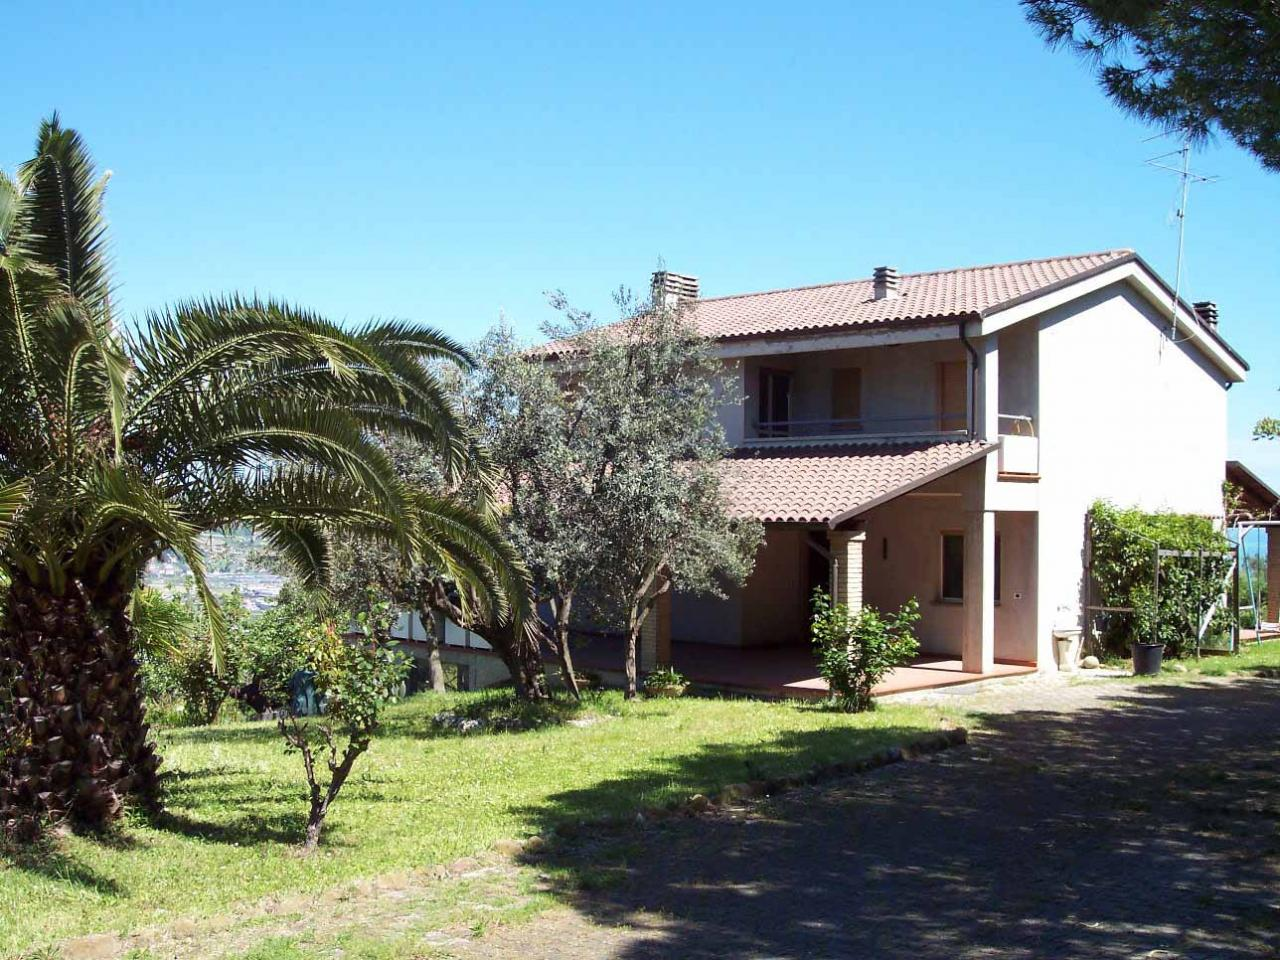 Villa in vendita a Colonnella, 12 locali, Trattative riservate | Cambio Casa.it